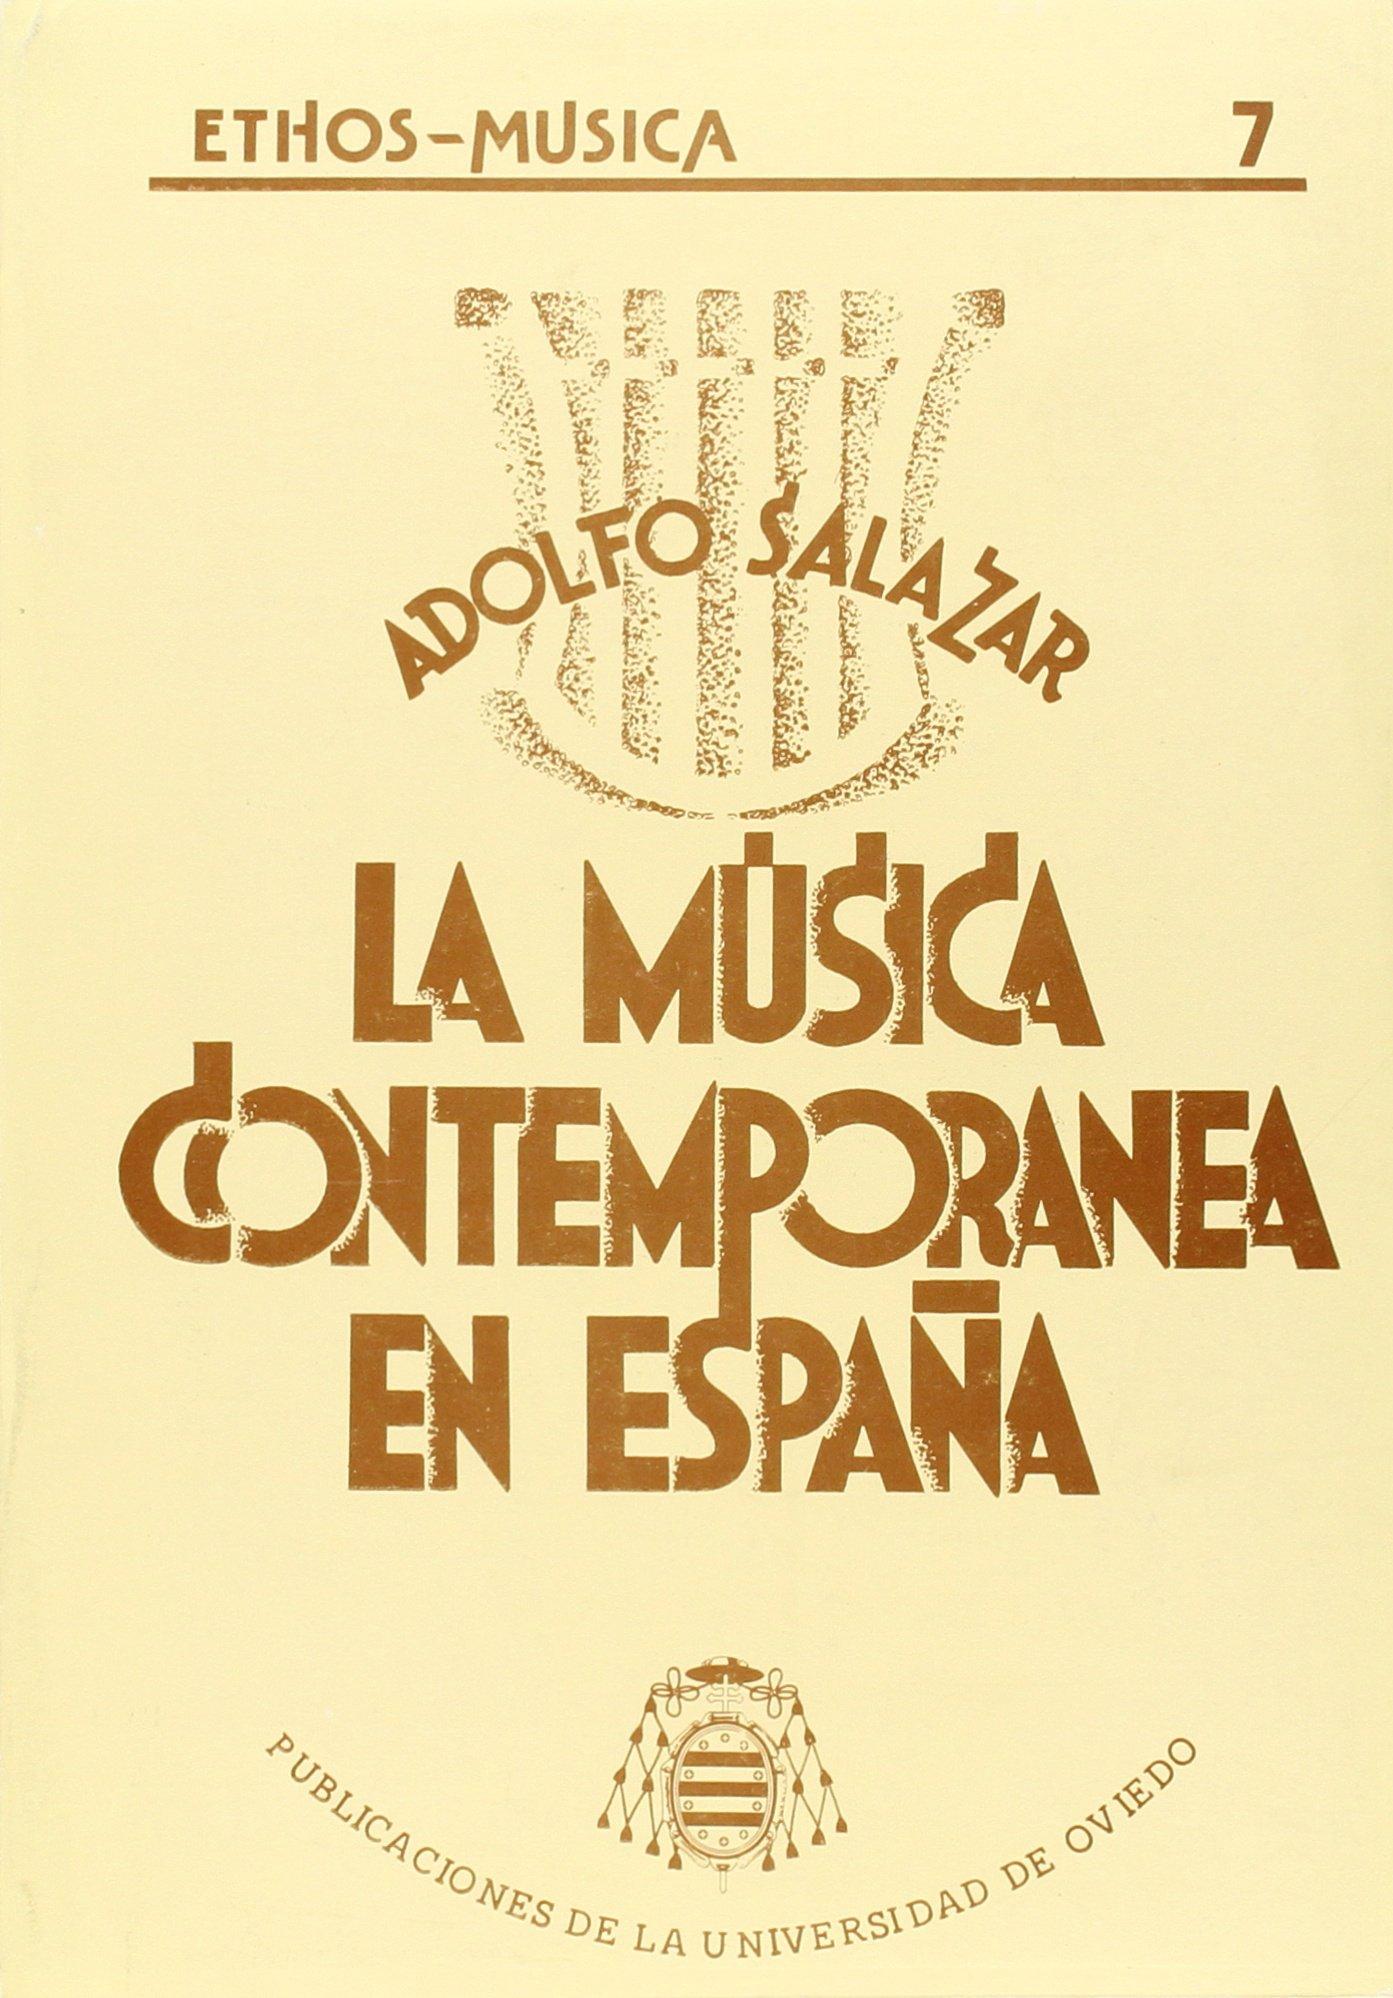 La música contemporánea en España: Amazon.es: Salazar, Adolfo: Libros